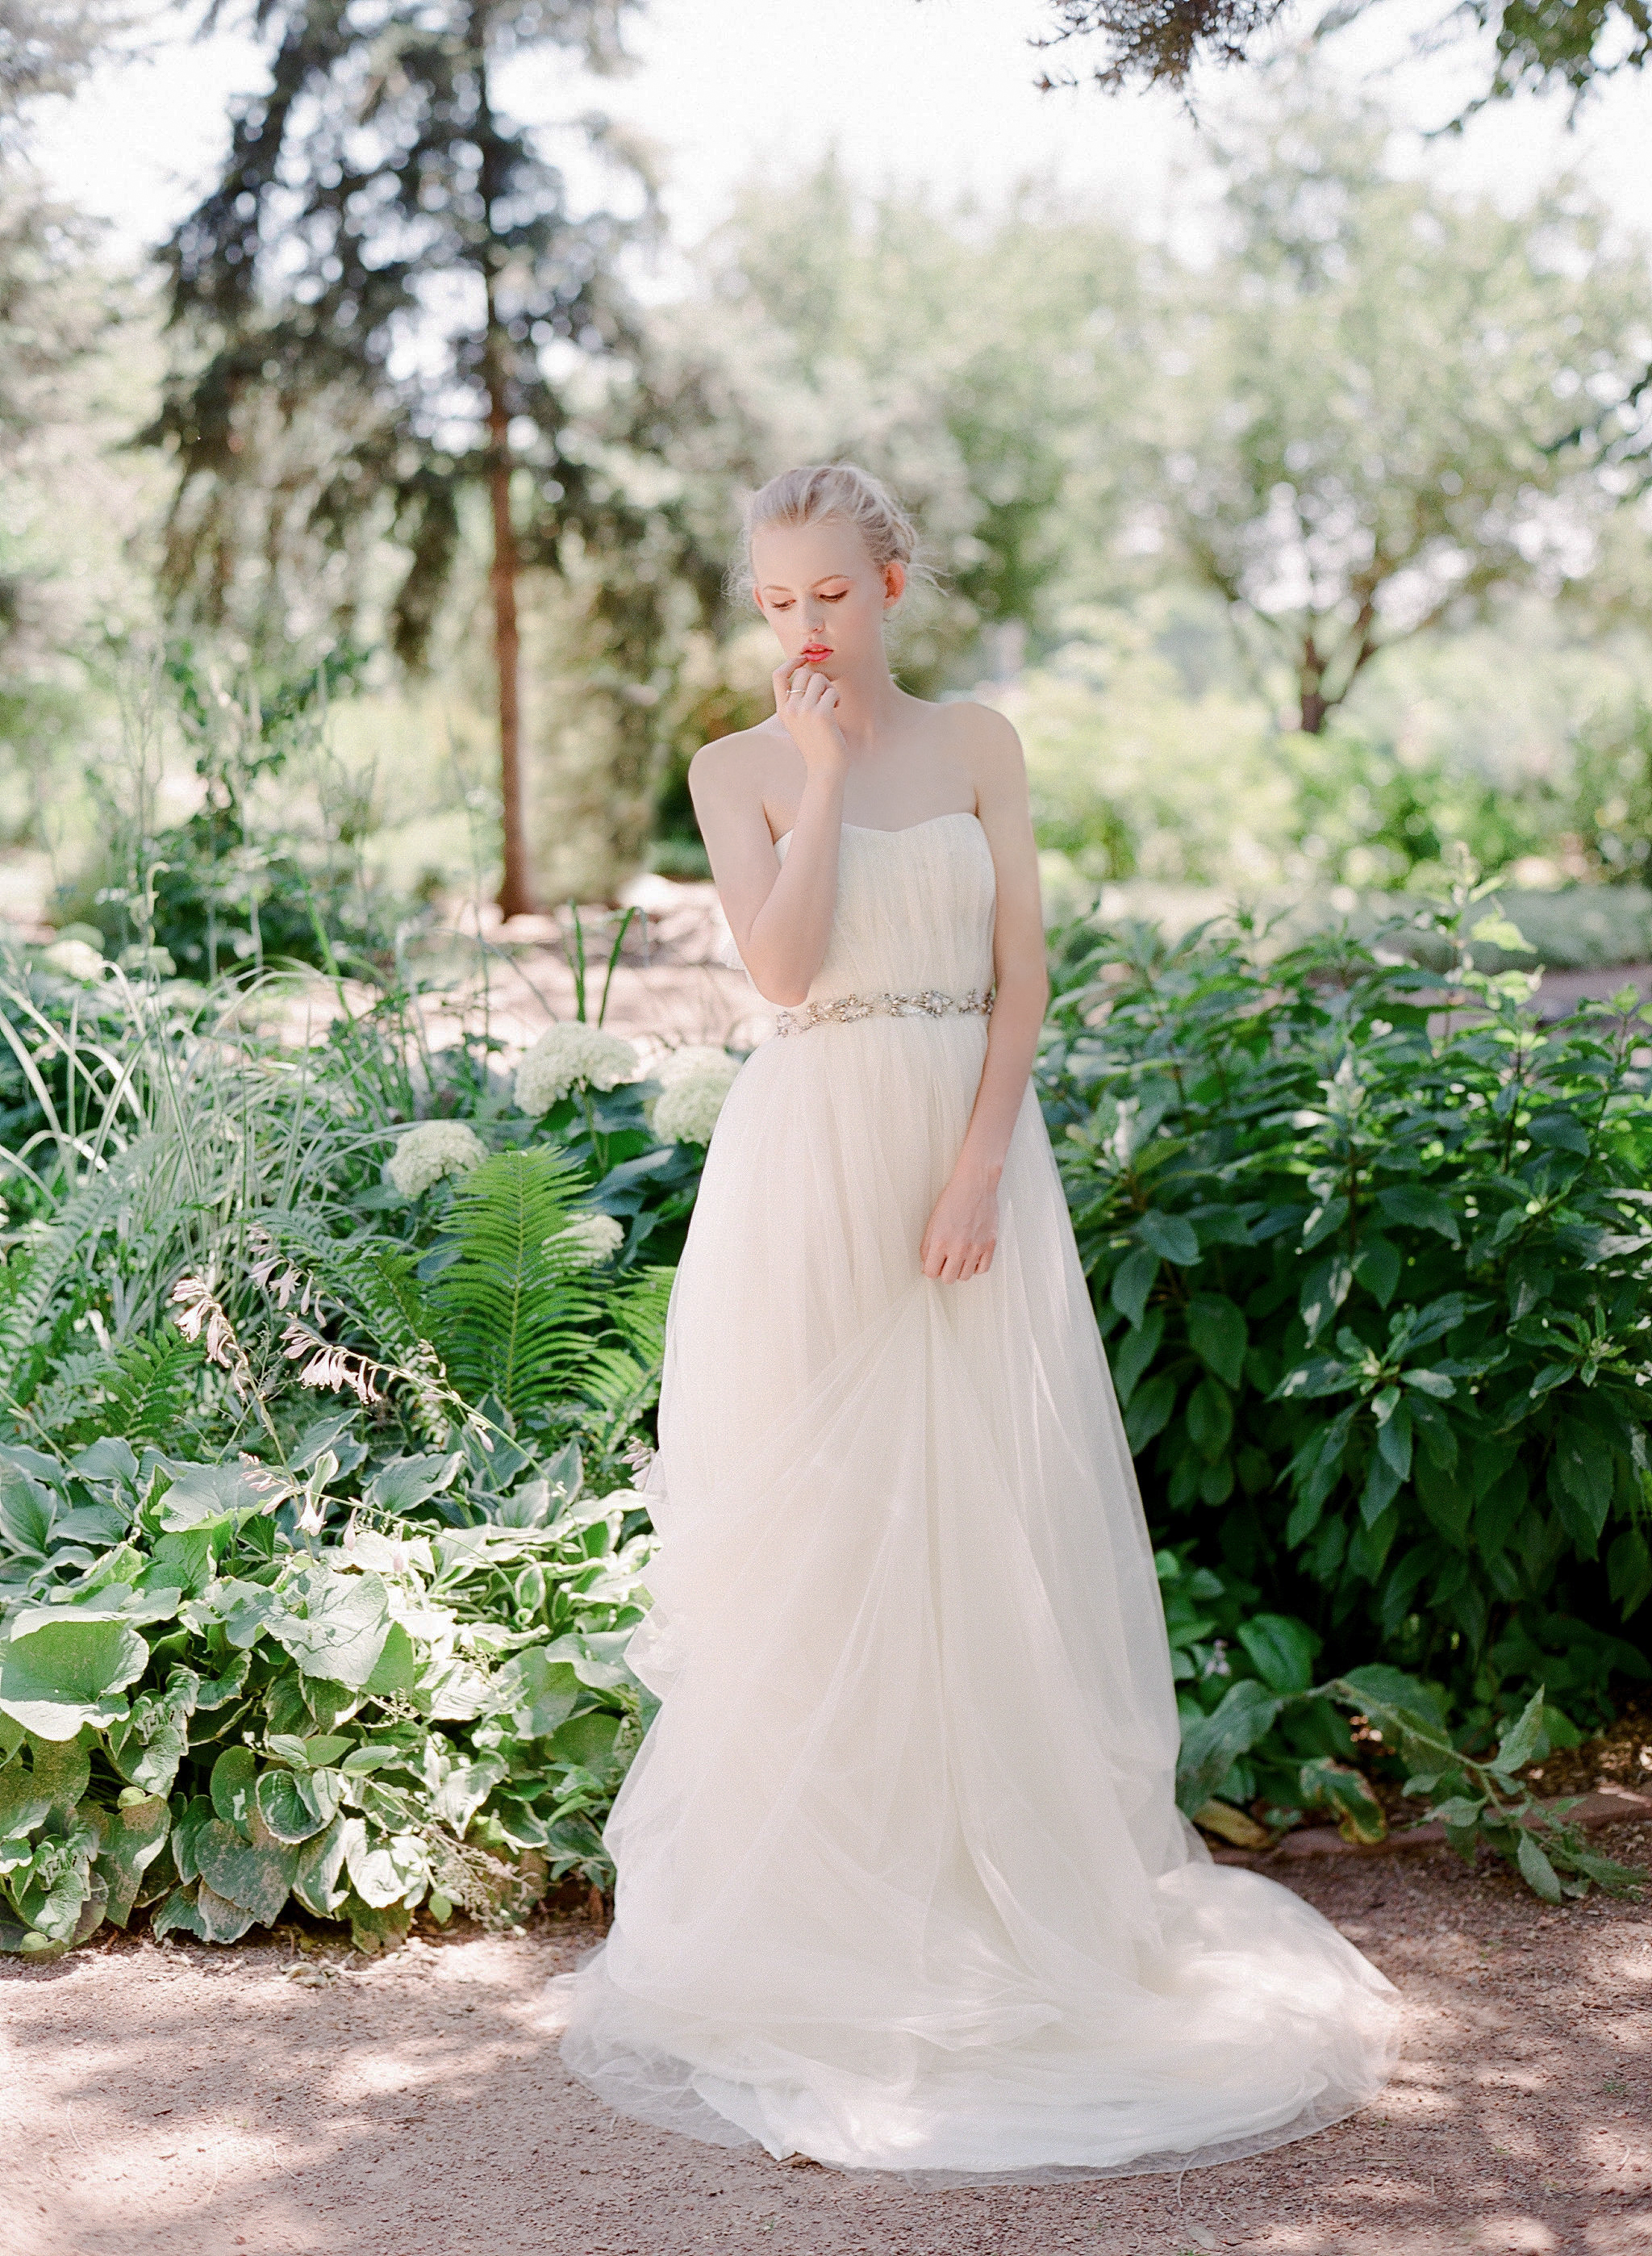 Jaclyn Jordan NY - Carrie King Photographer68.jpg